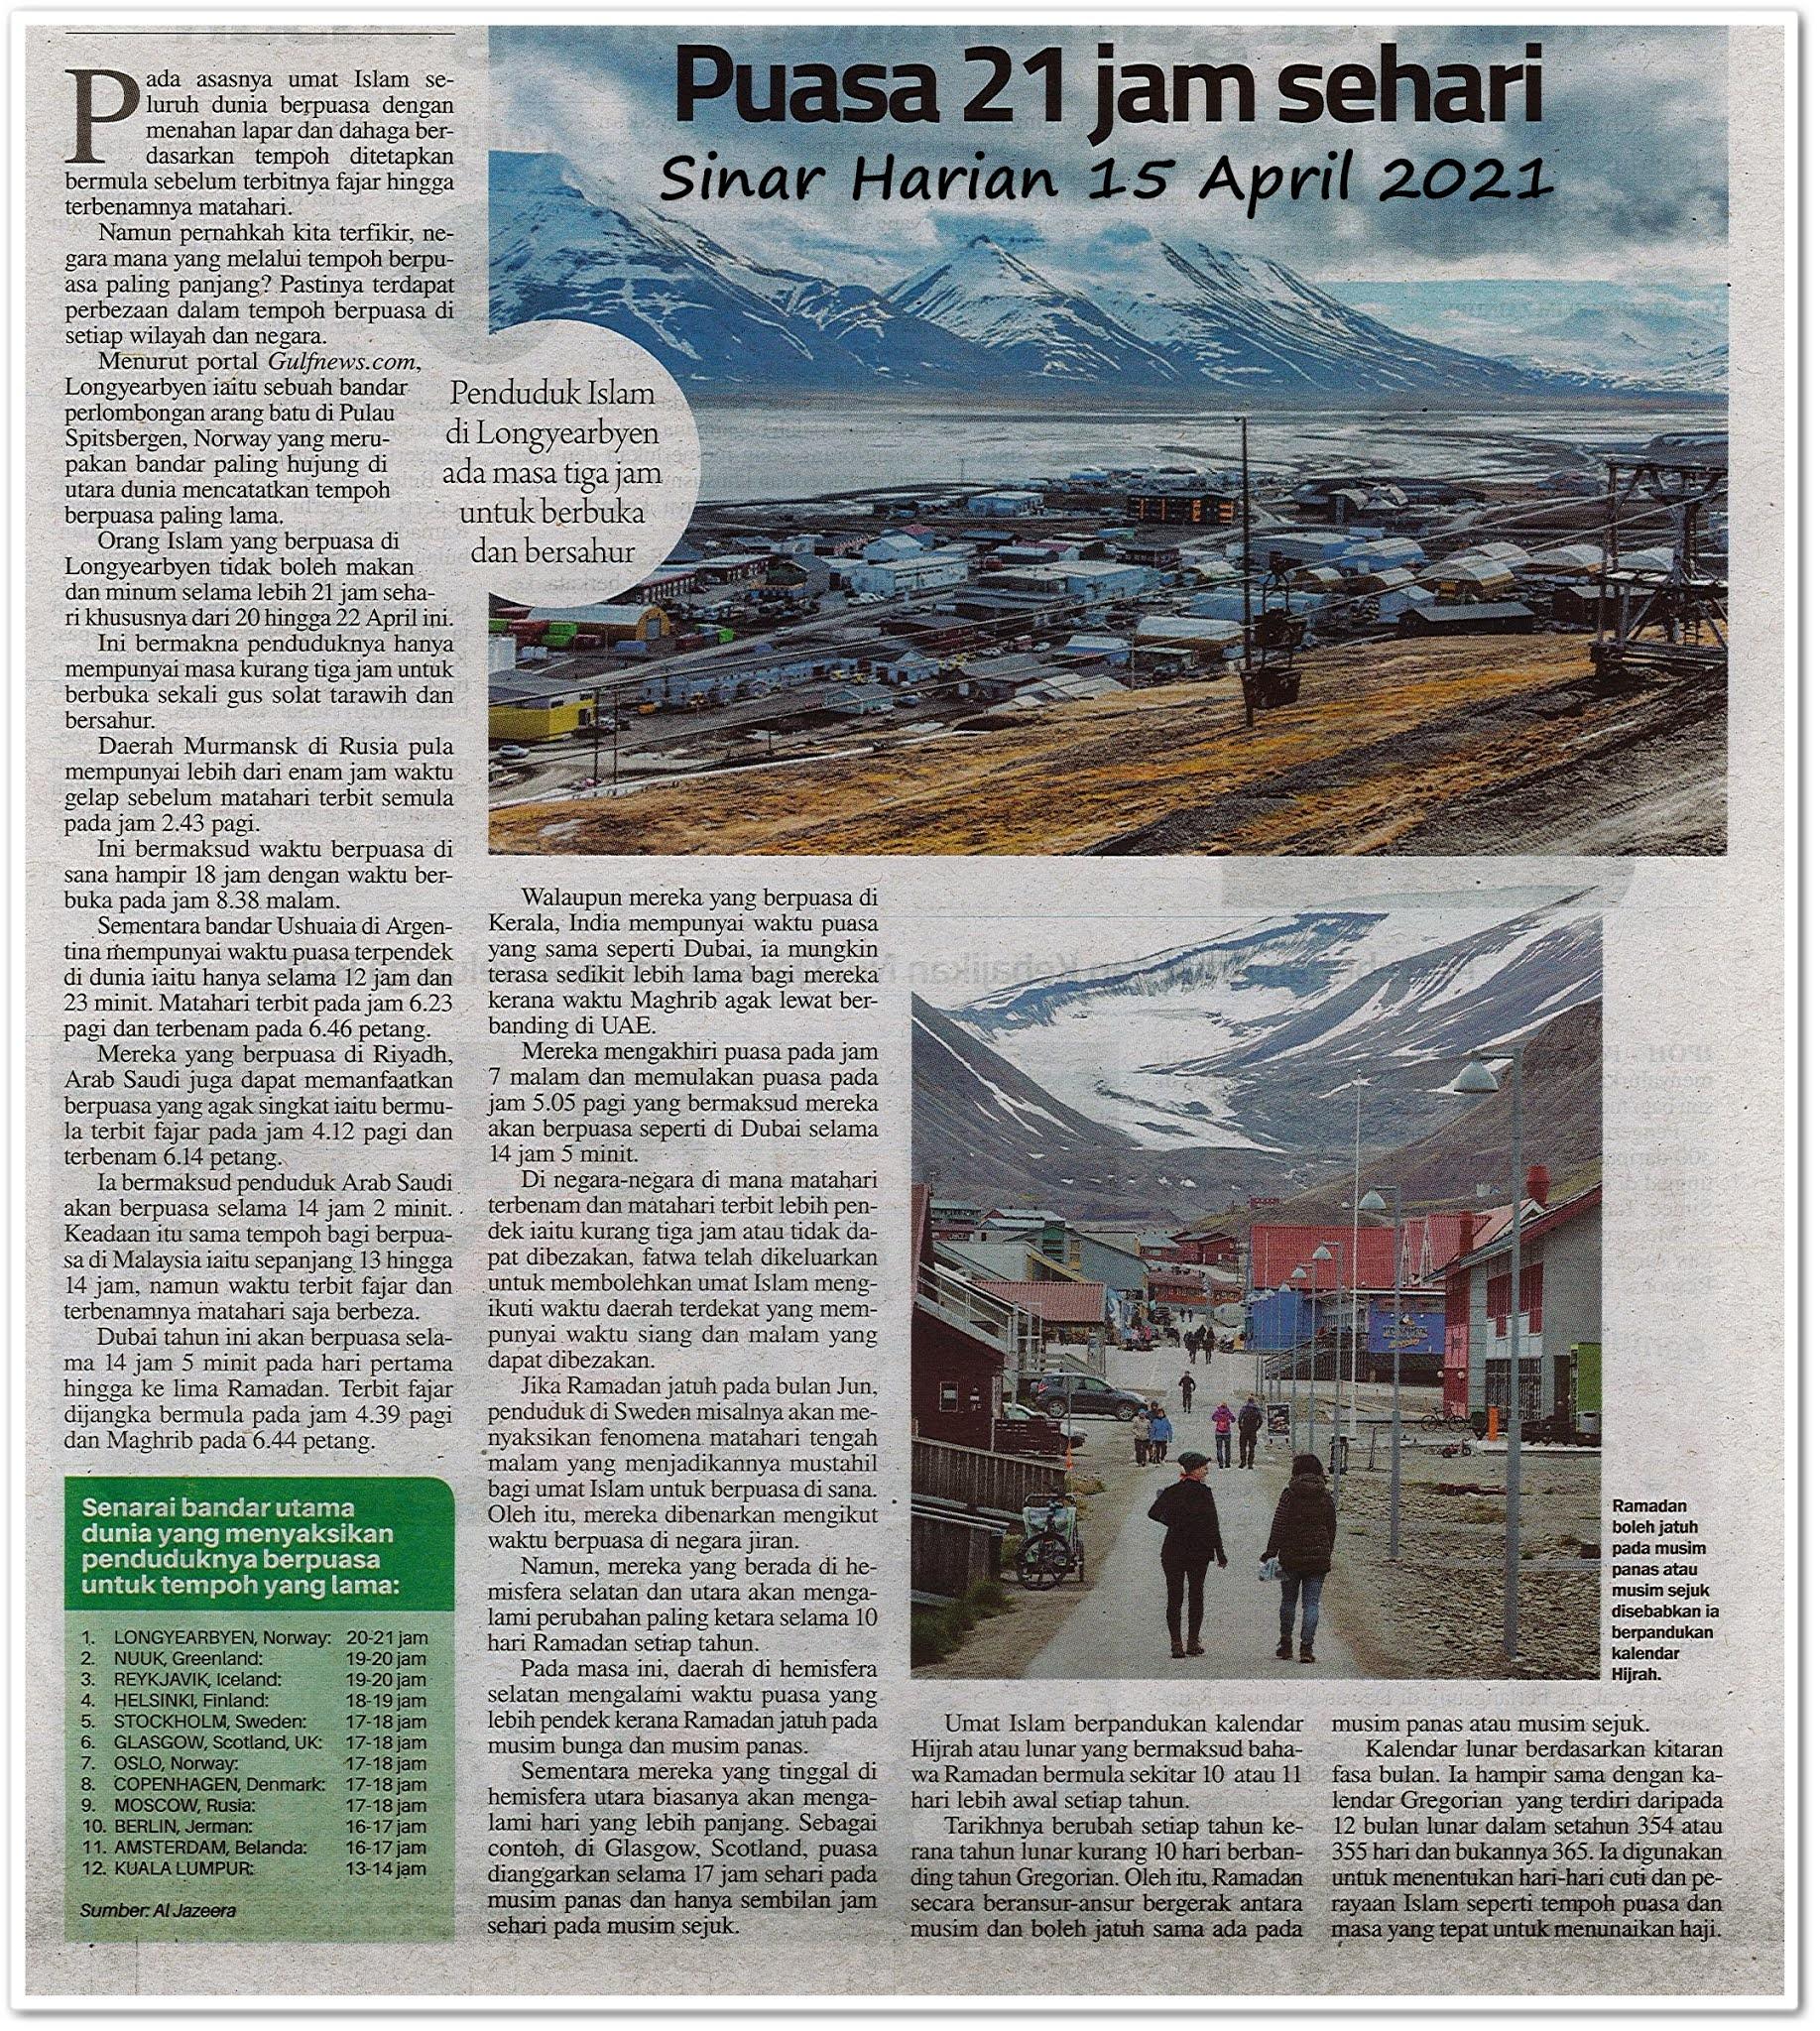 Puasa 21 jam sehari - Keratan akhbar Sinar Harian 15 April 2021